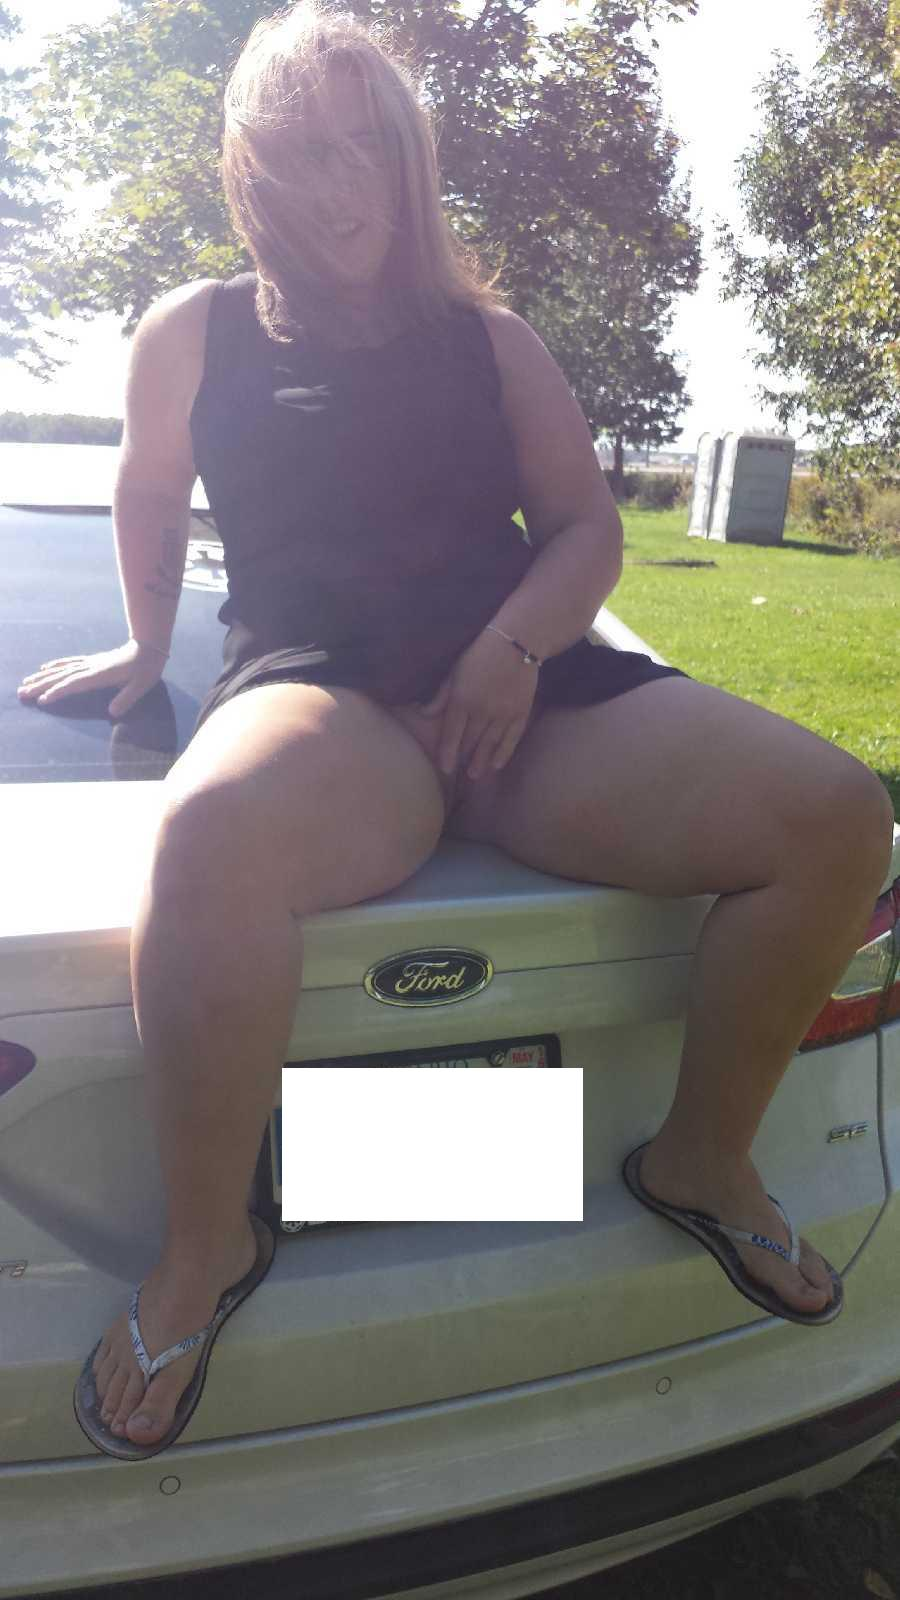 Pussy in Public